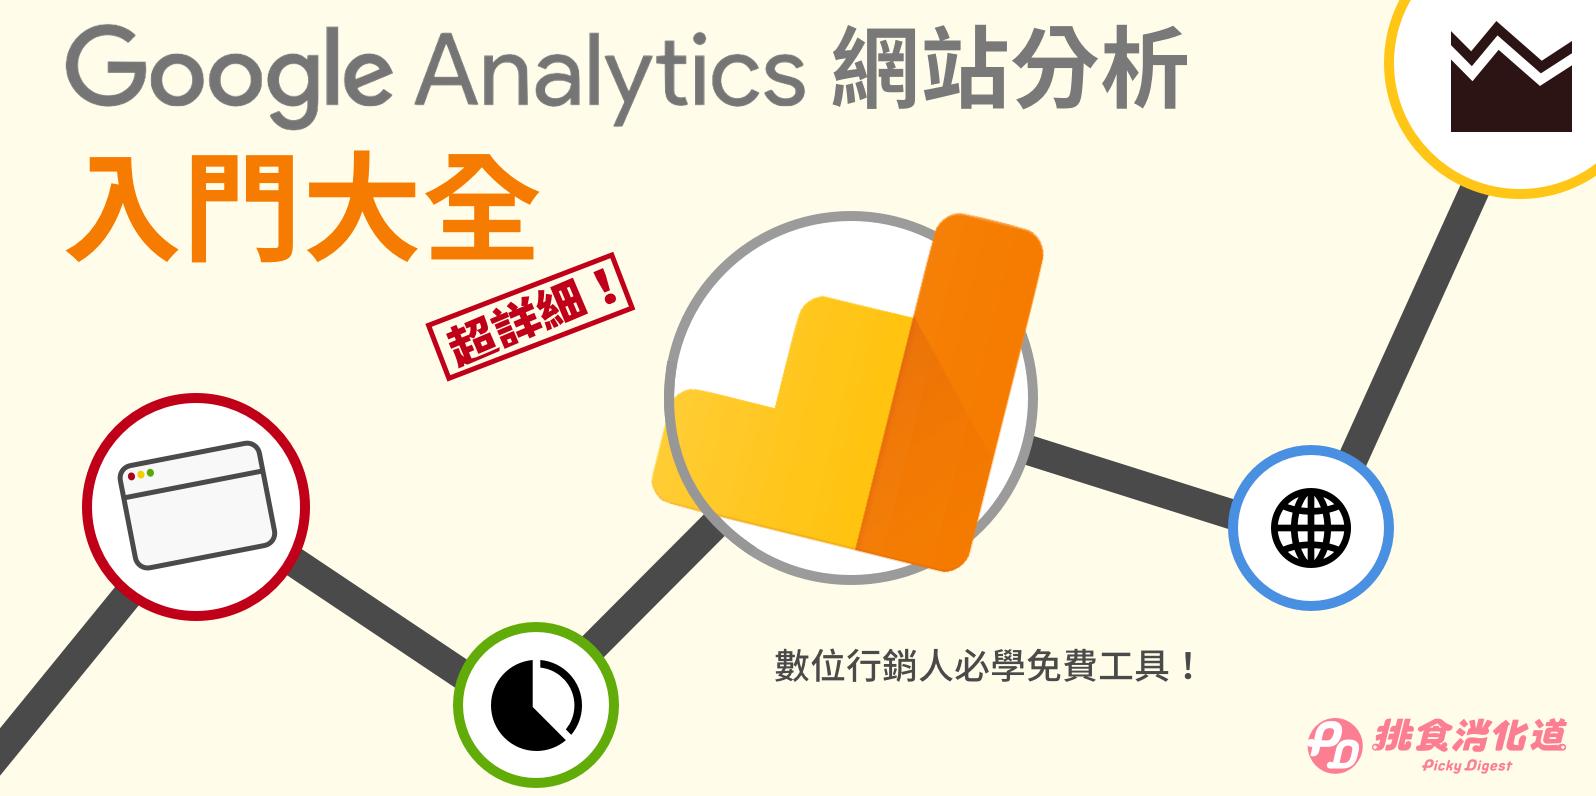 Google Analytics网站分析入门